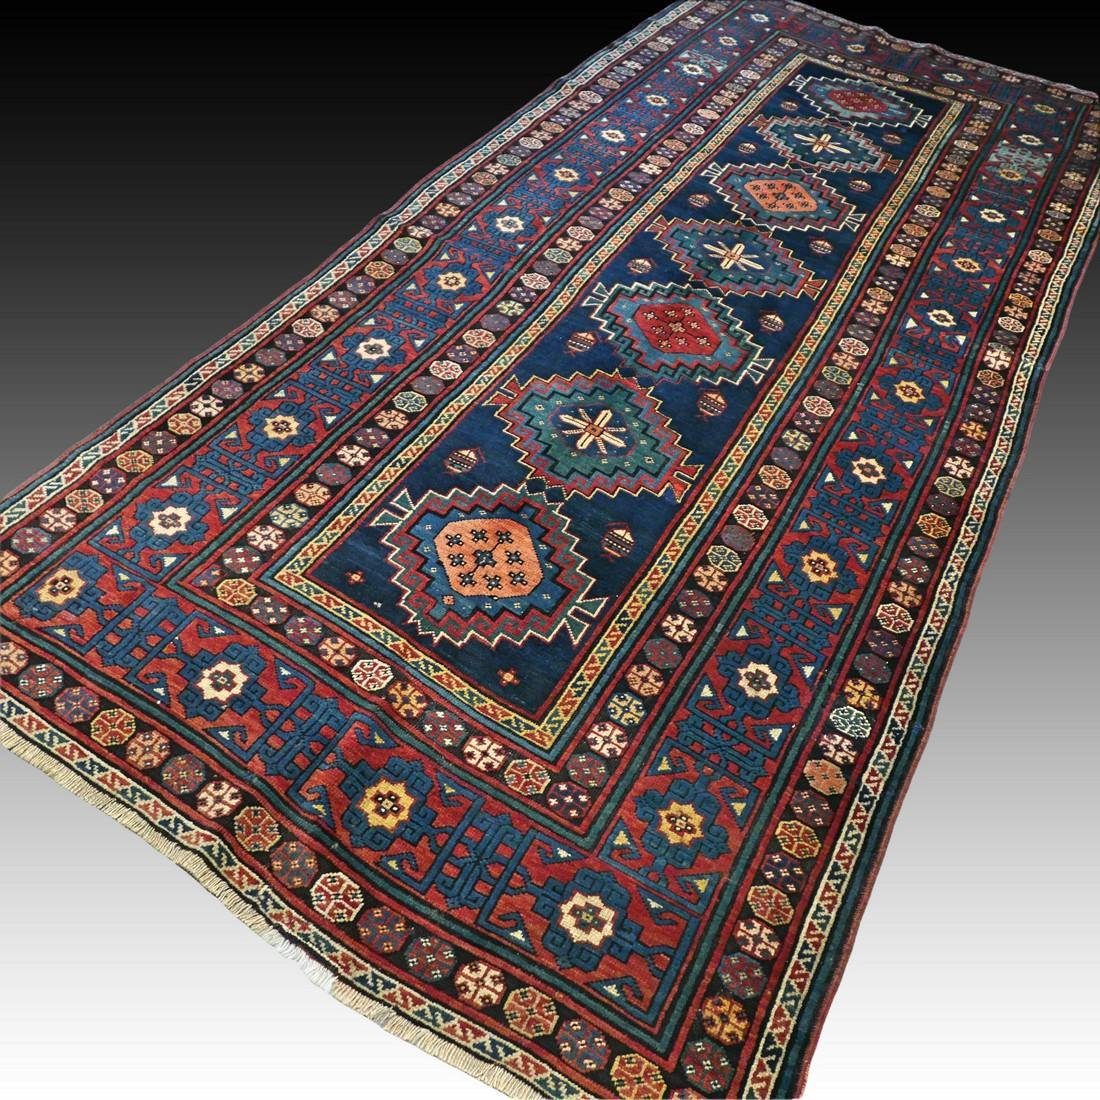 Antique 1800s Kazak rug - 9.5 x 4.3 - 2